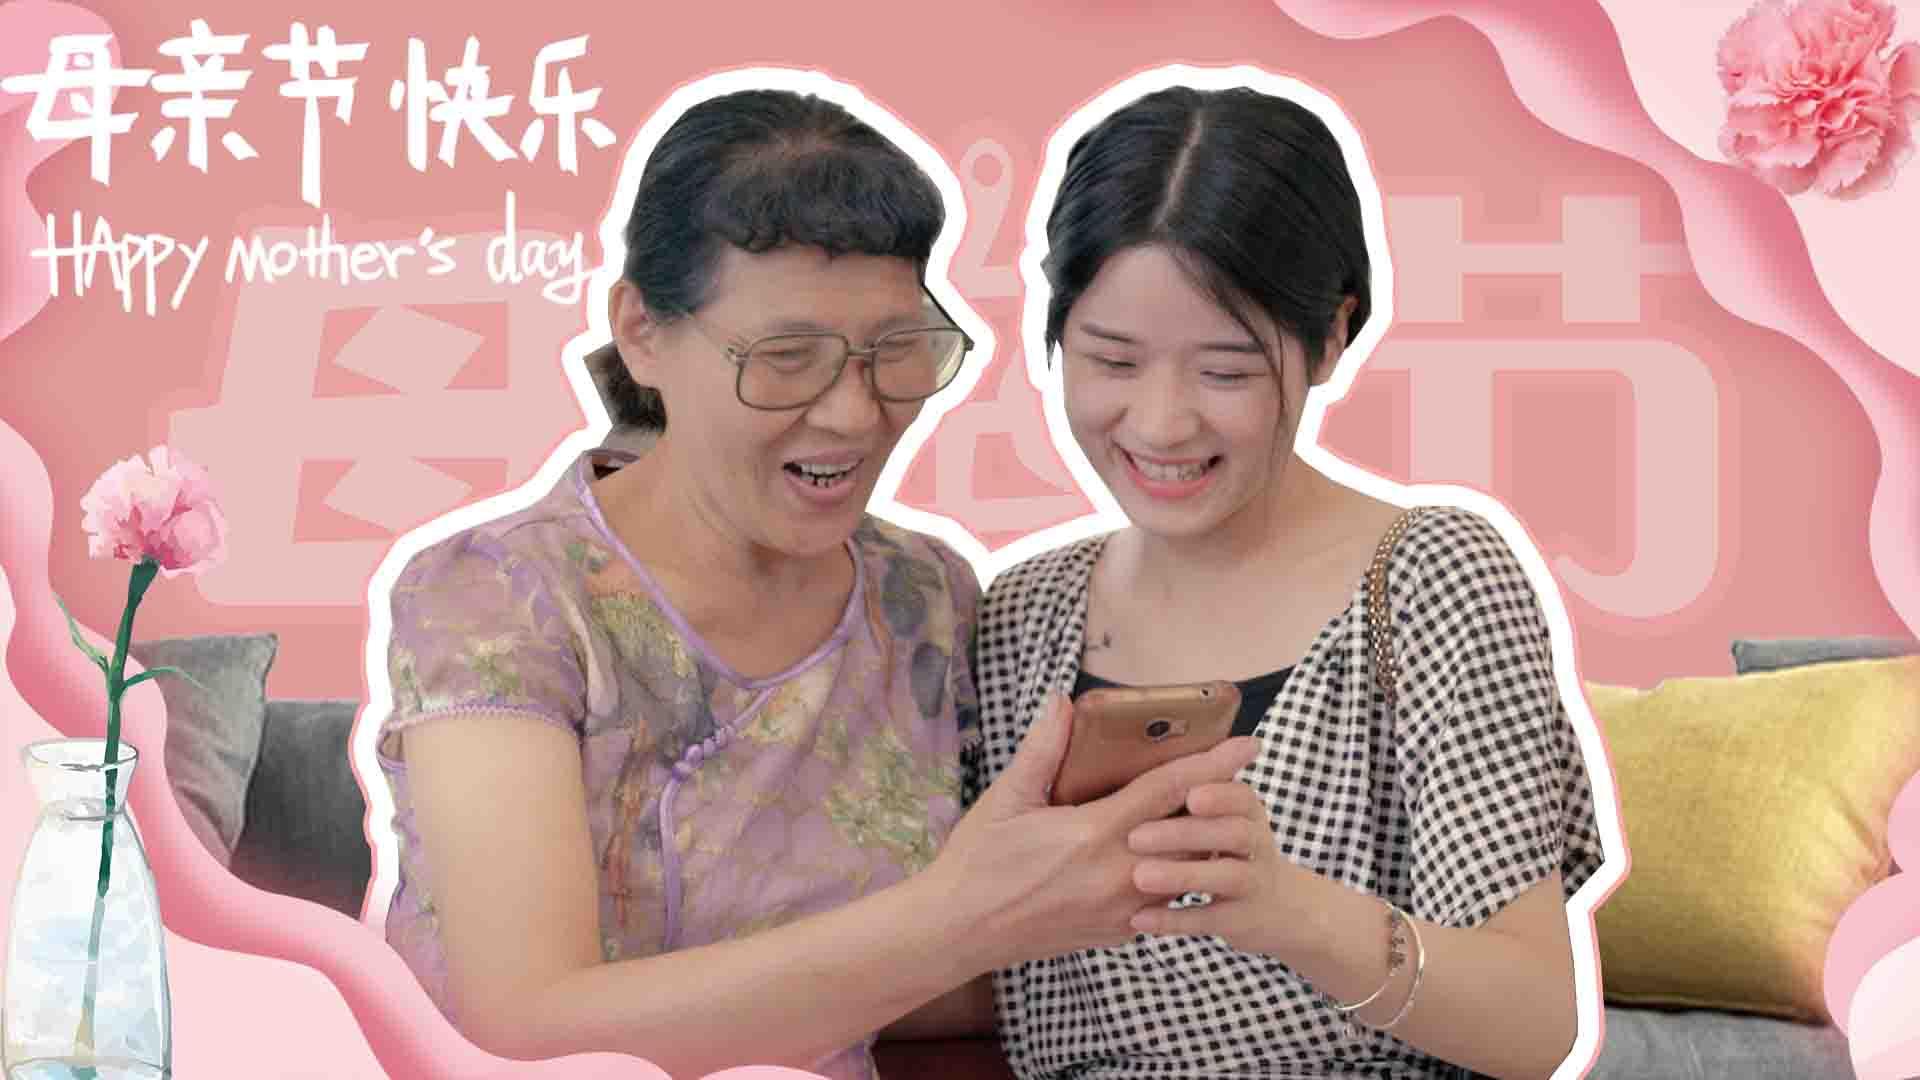 #经典看电影#《母亲节》催泪公益短片,别让爱成为等待!